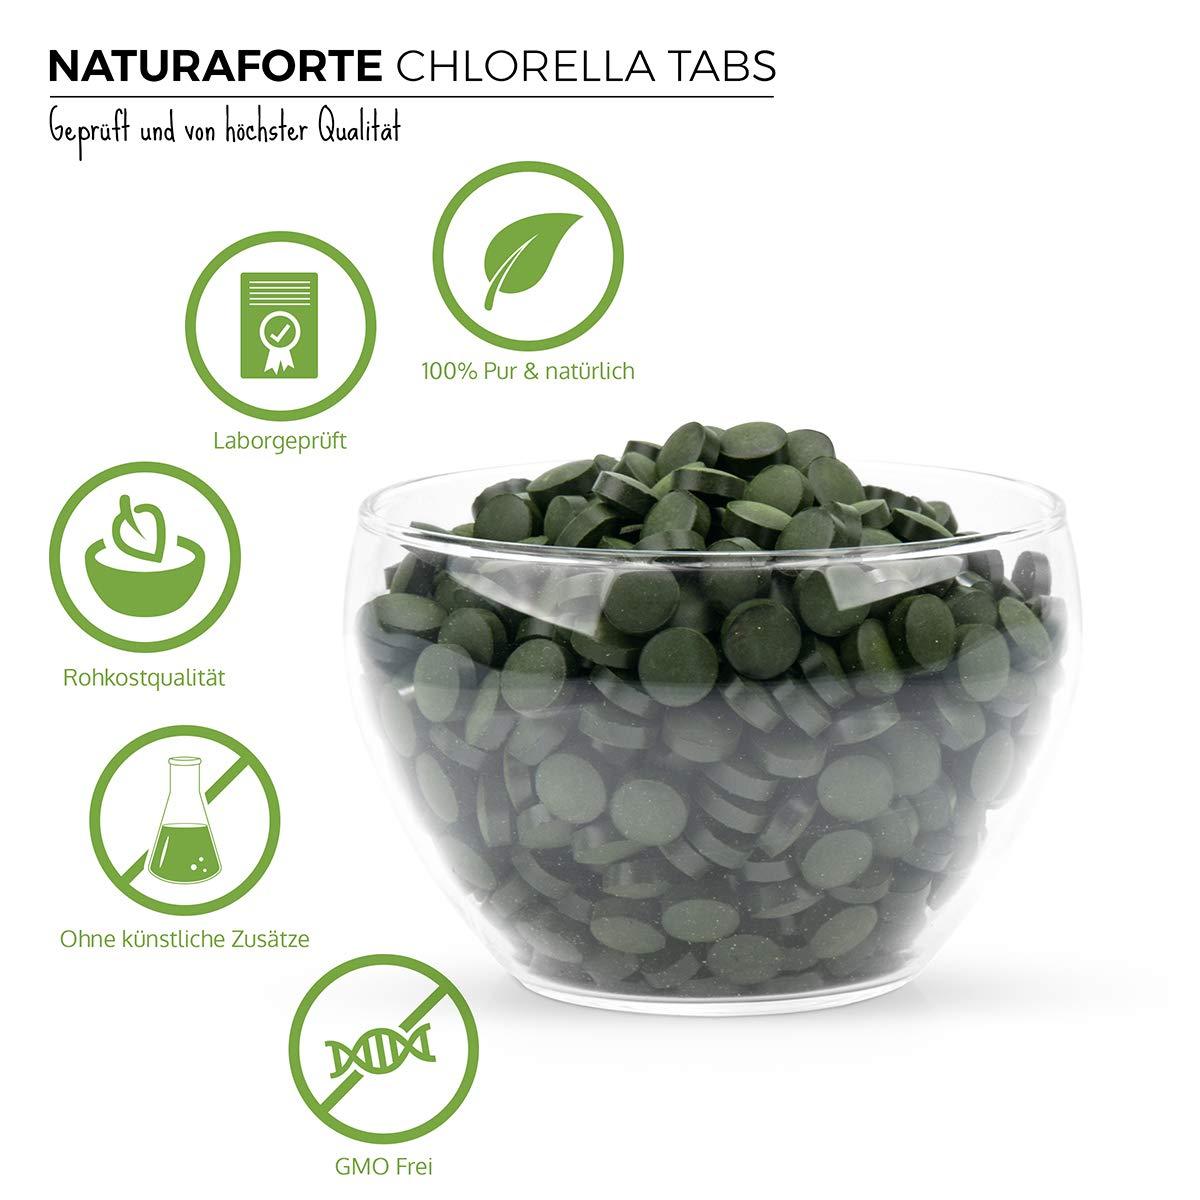 Chlorella 100% Pura de NaturaForte (600 Tabletas de 250mg) | ✓️Ricas en Magnesio, Fibra, Proteínas, Hierro y Clorofila ✓ Aminoácidos y Ácidos Grasos ...